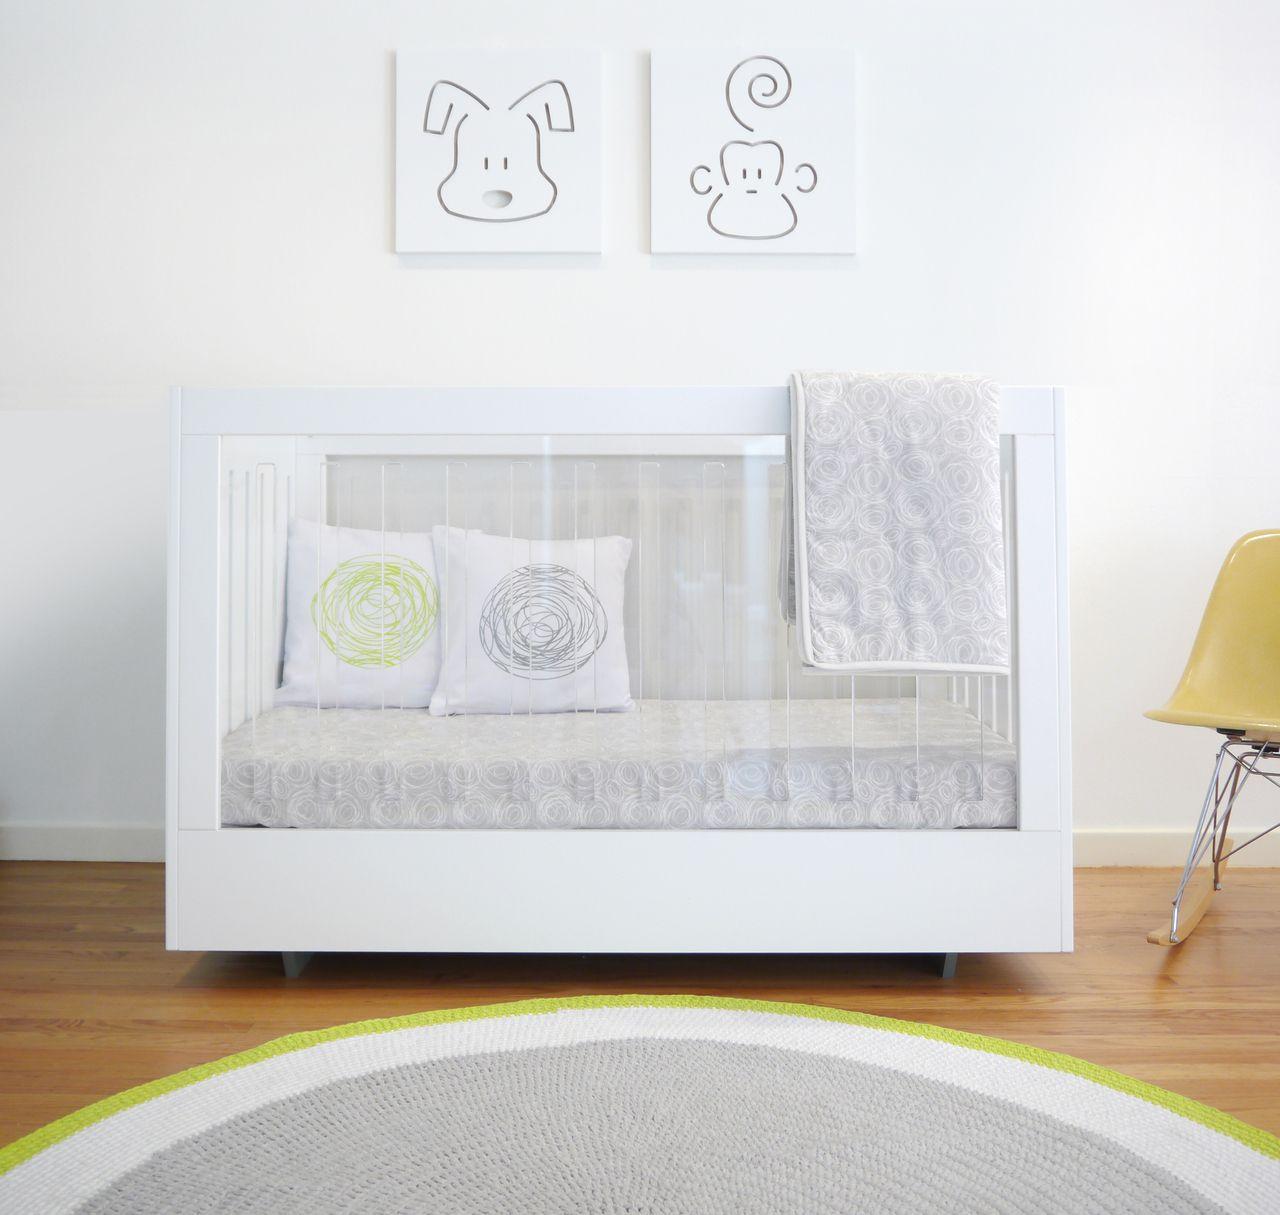 Acrylic Nursery Decor | Project nursery, Nursery decor and Nursery